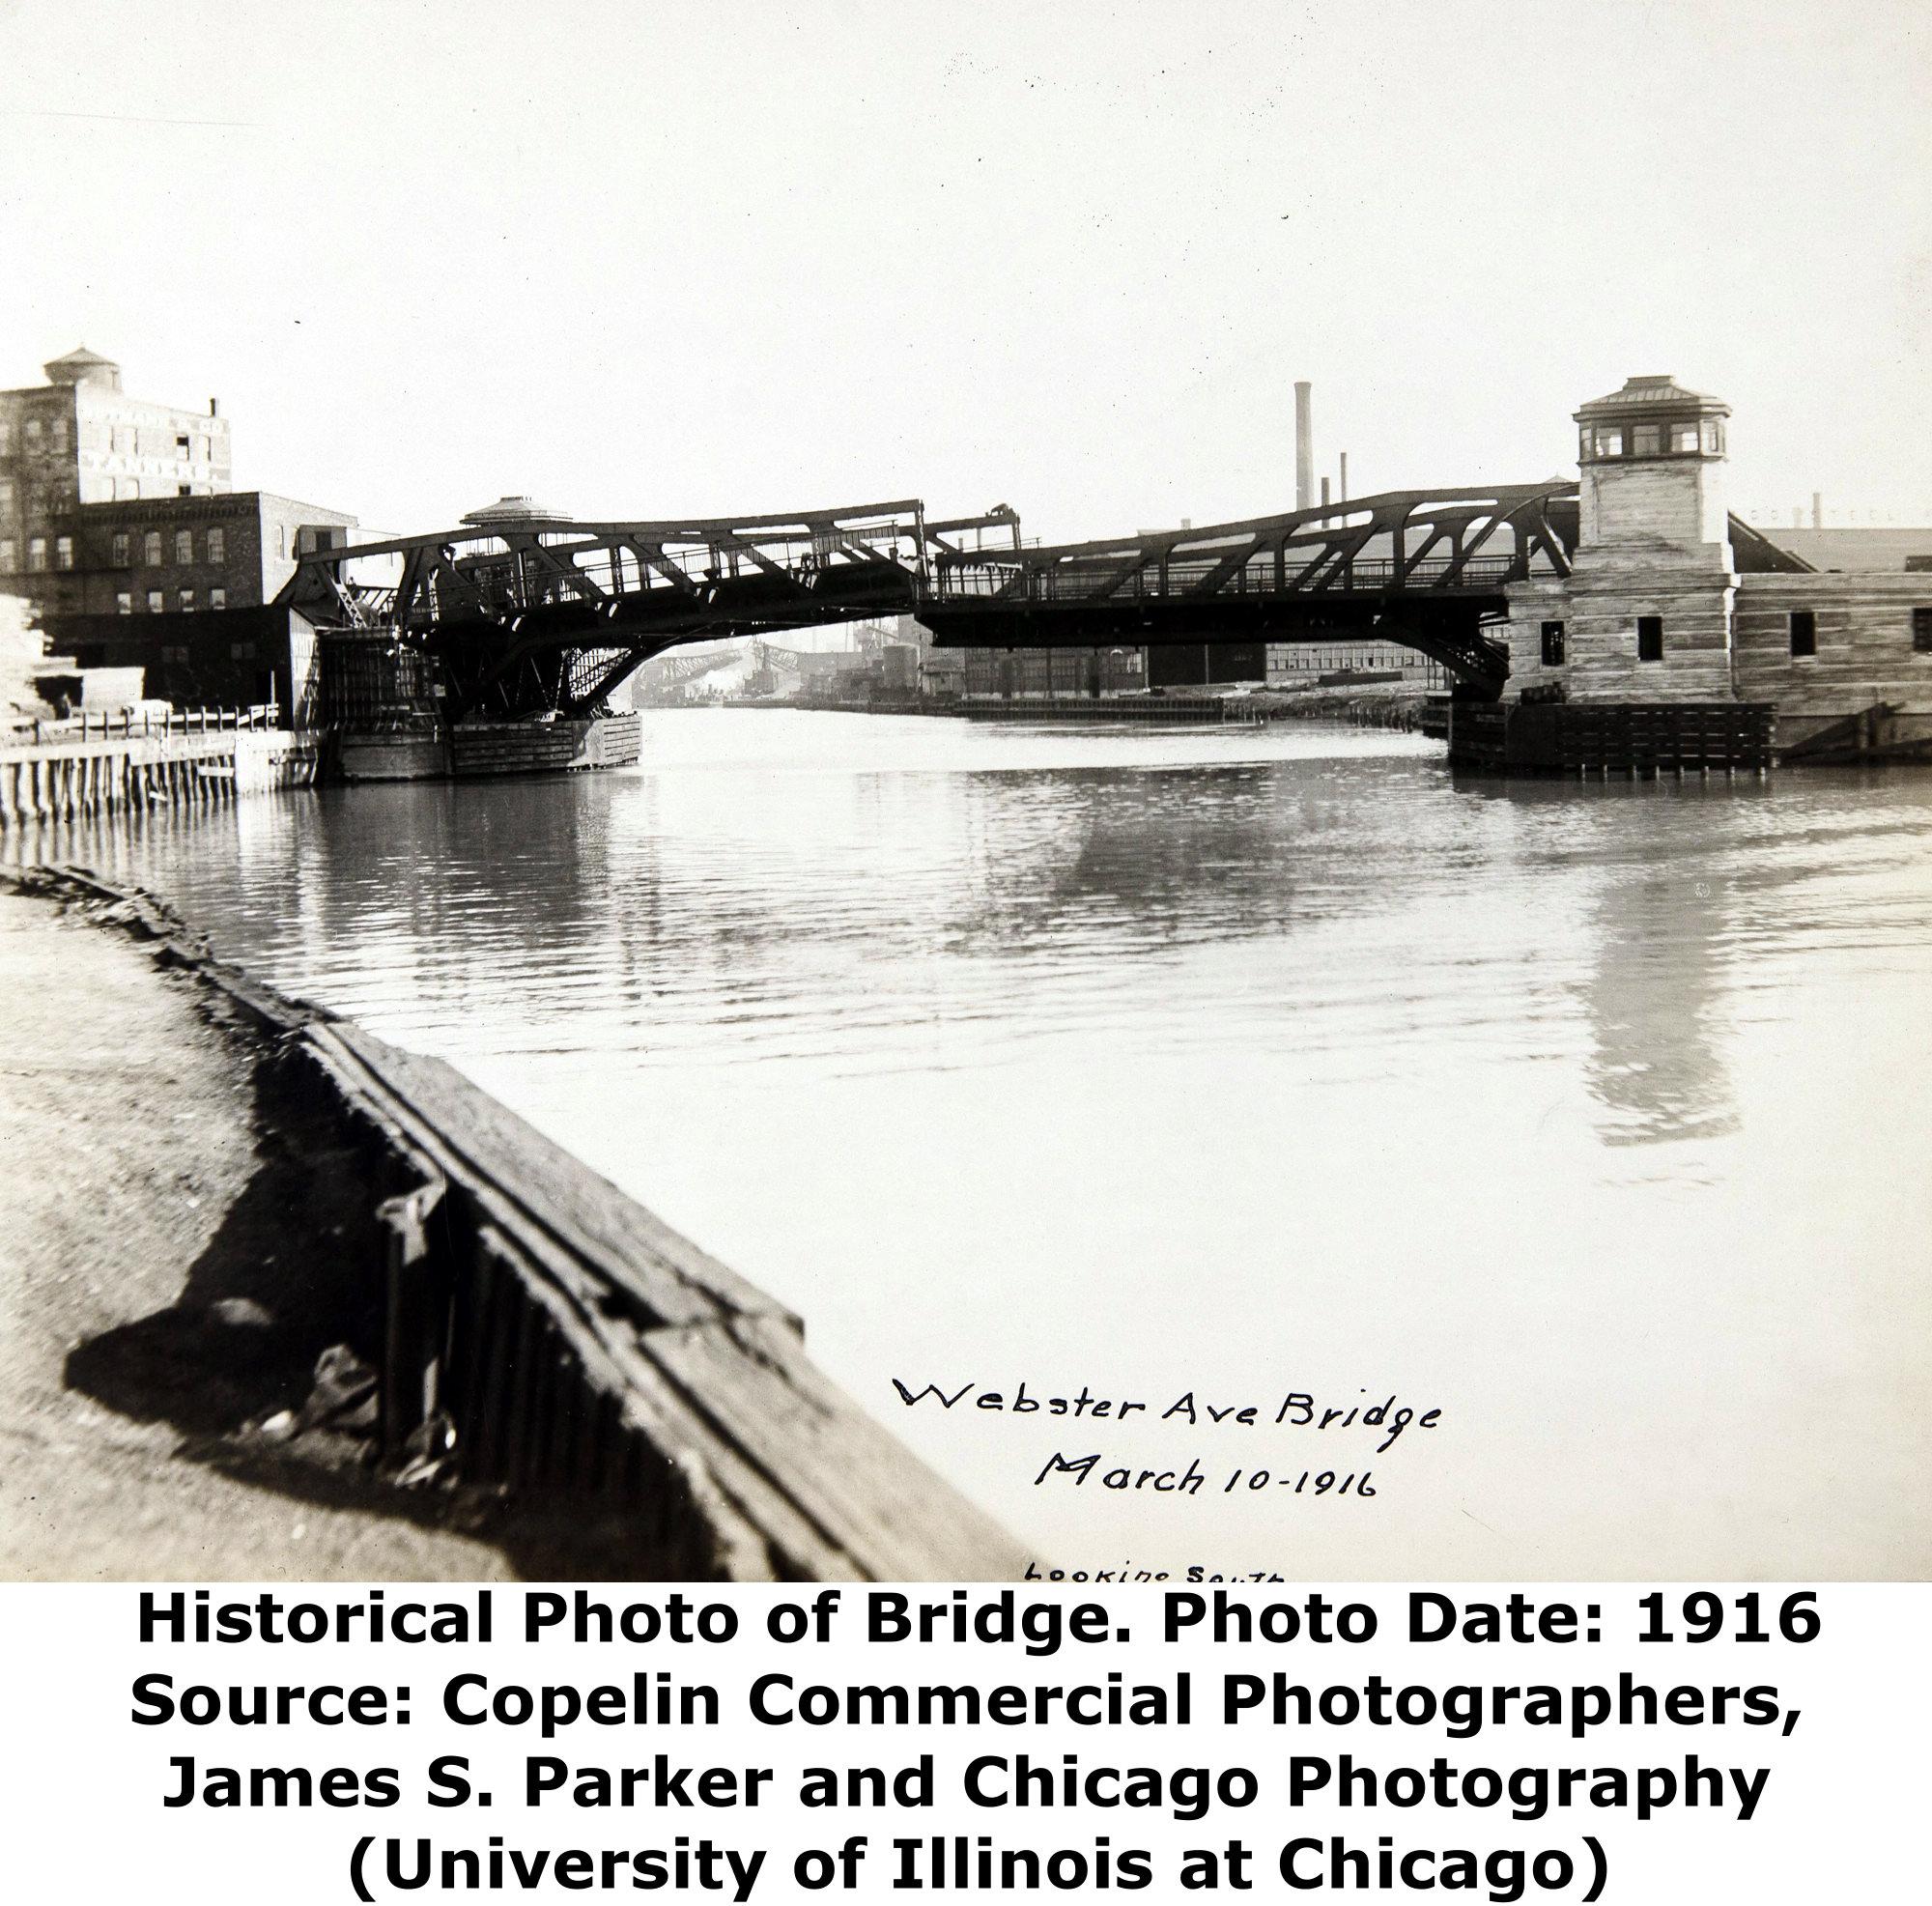 thesis segmental bridge span-by-span